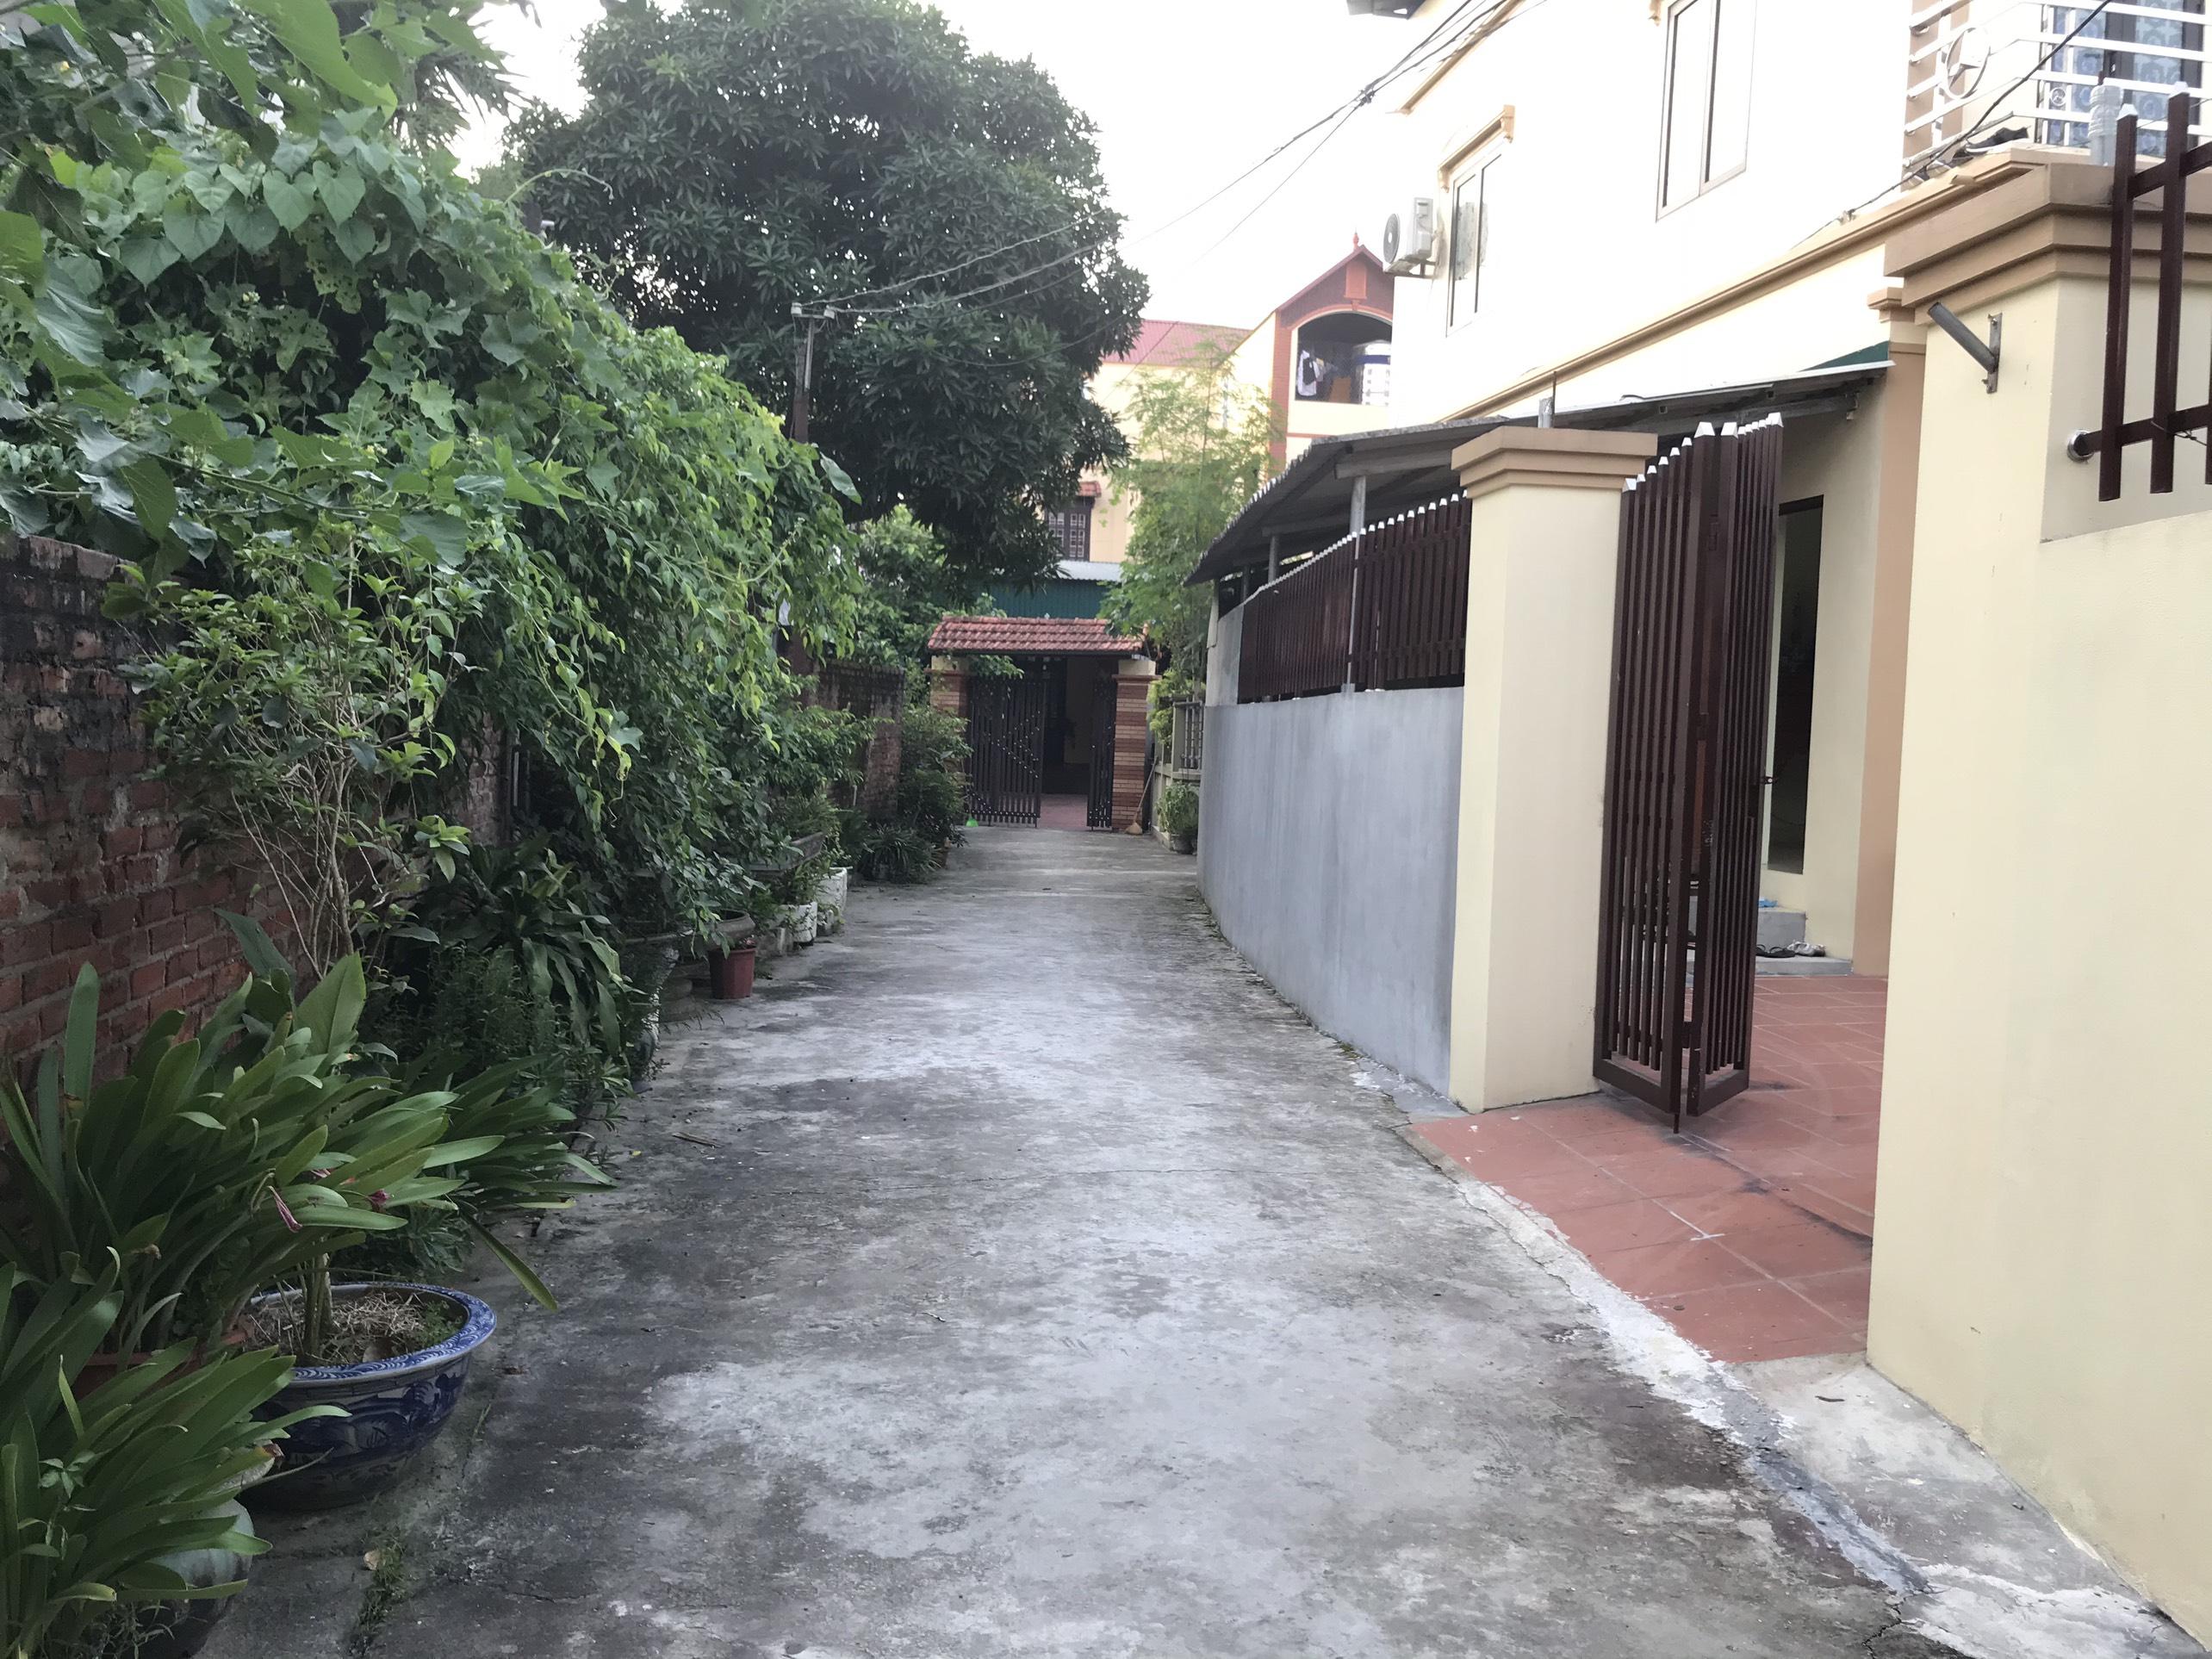 Chính chủ cần bán 60m2 đất thổ cư tại Thôn Khoan Tế, Gia Lâm, Hà Nội.